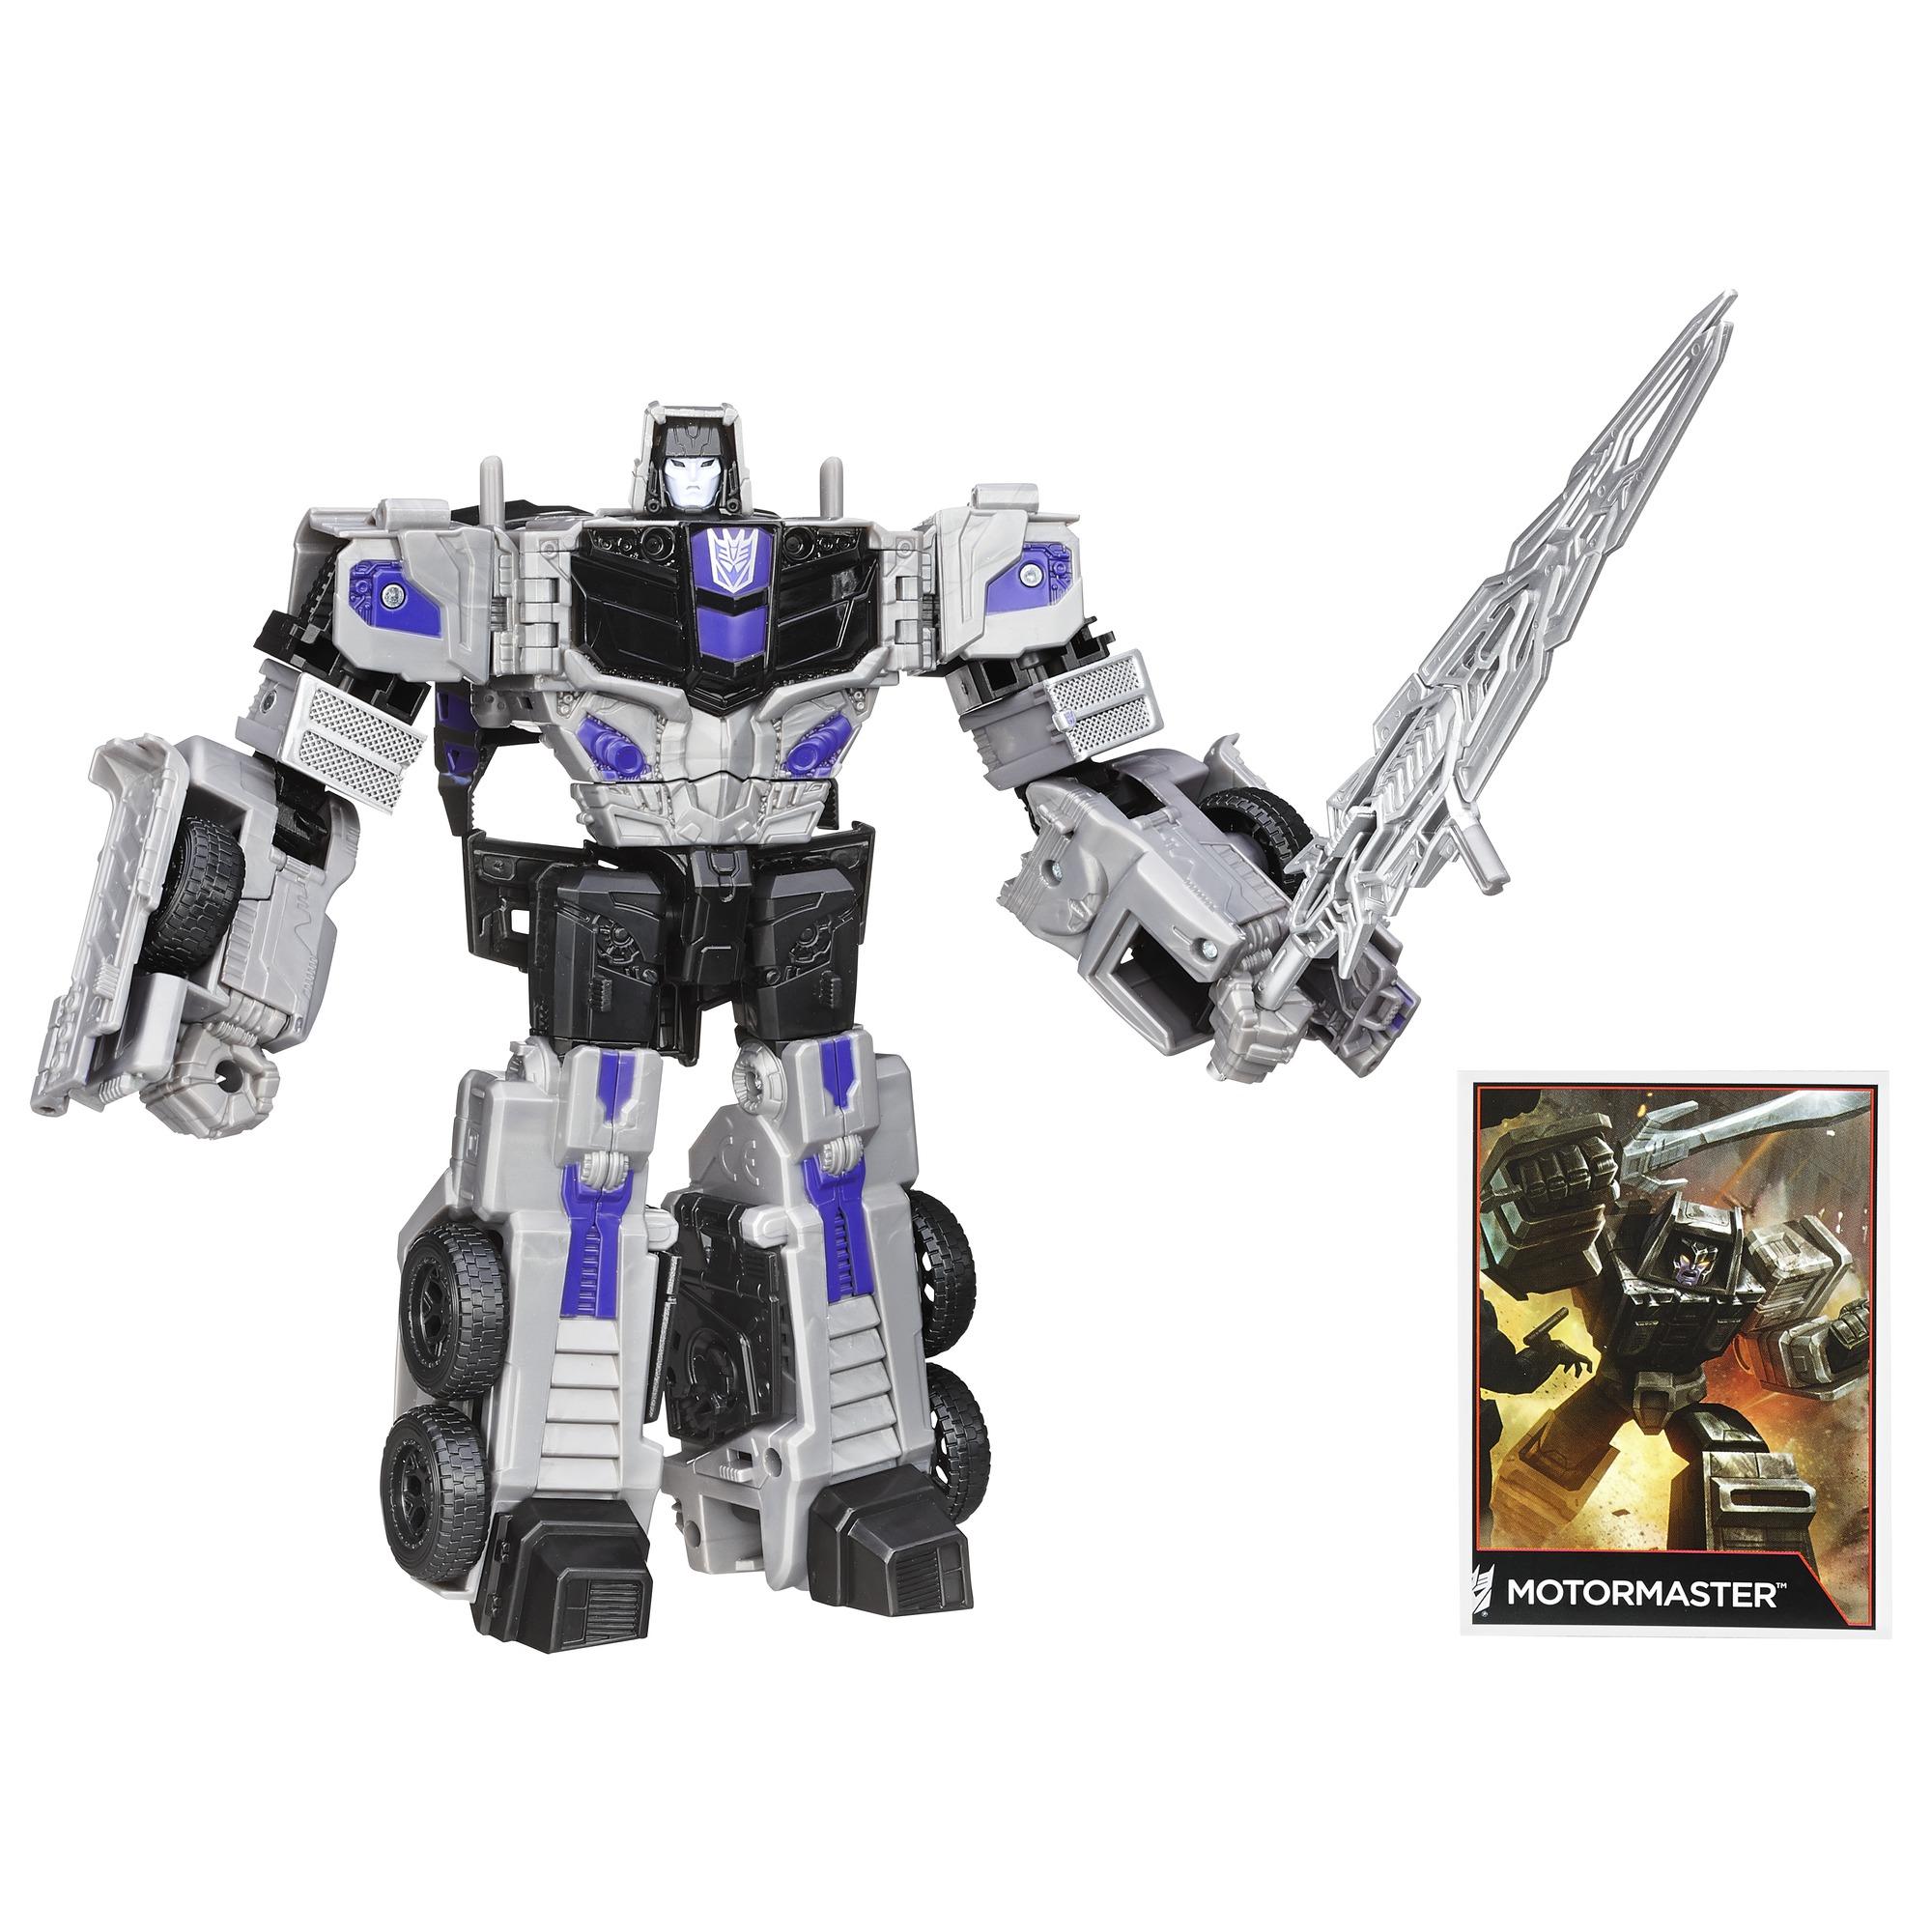 Hasbro Transformers Generations Combiner Wars Voyager Class Motormaster Figure PartNumber: 004W005450027018P